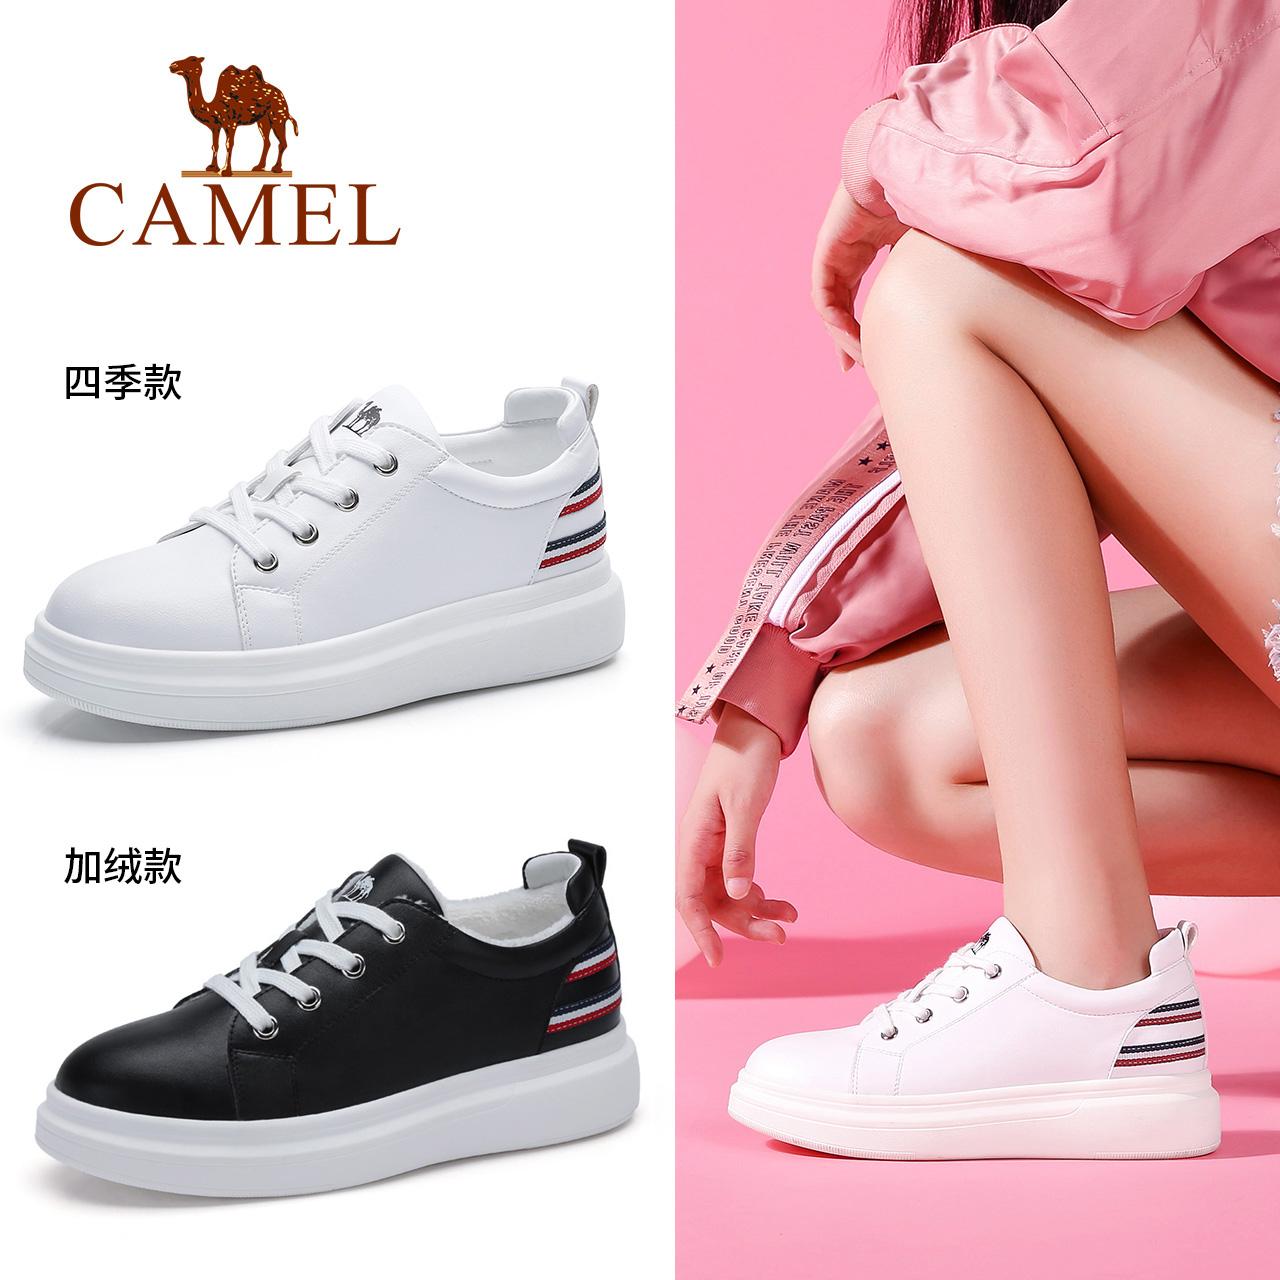 骆驼女鞋秋冬新款休闲增高厚底小白鞋百搭时尚运动板鞋女